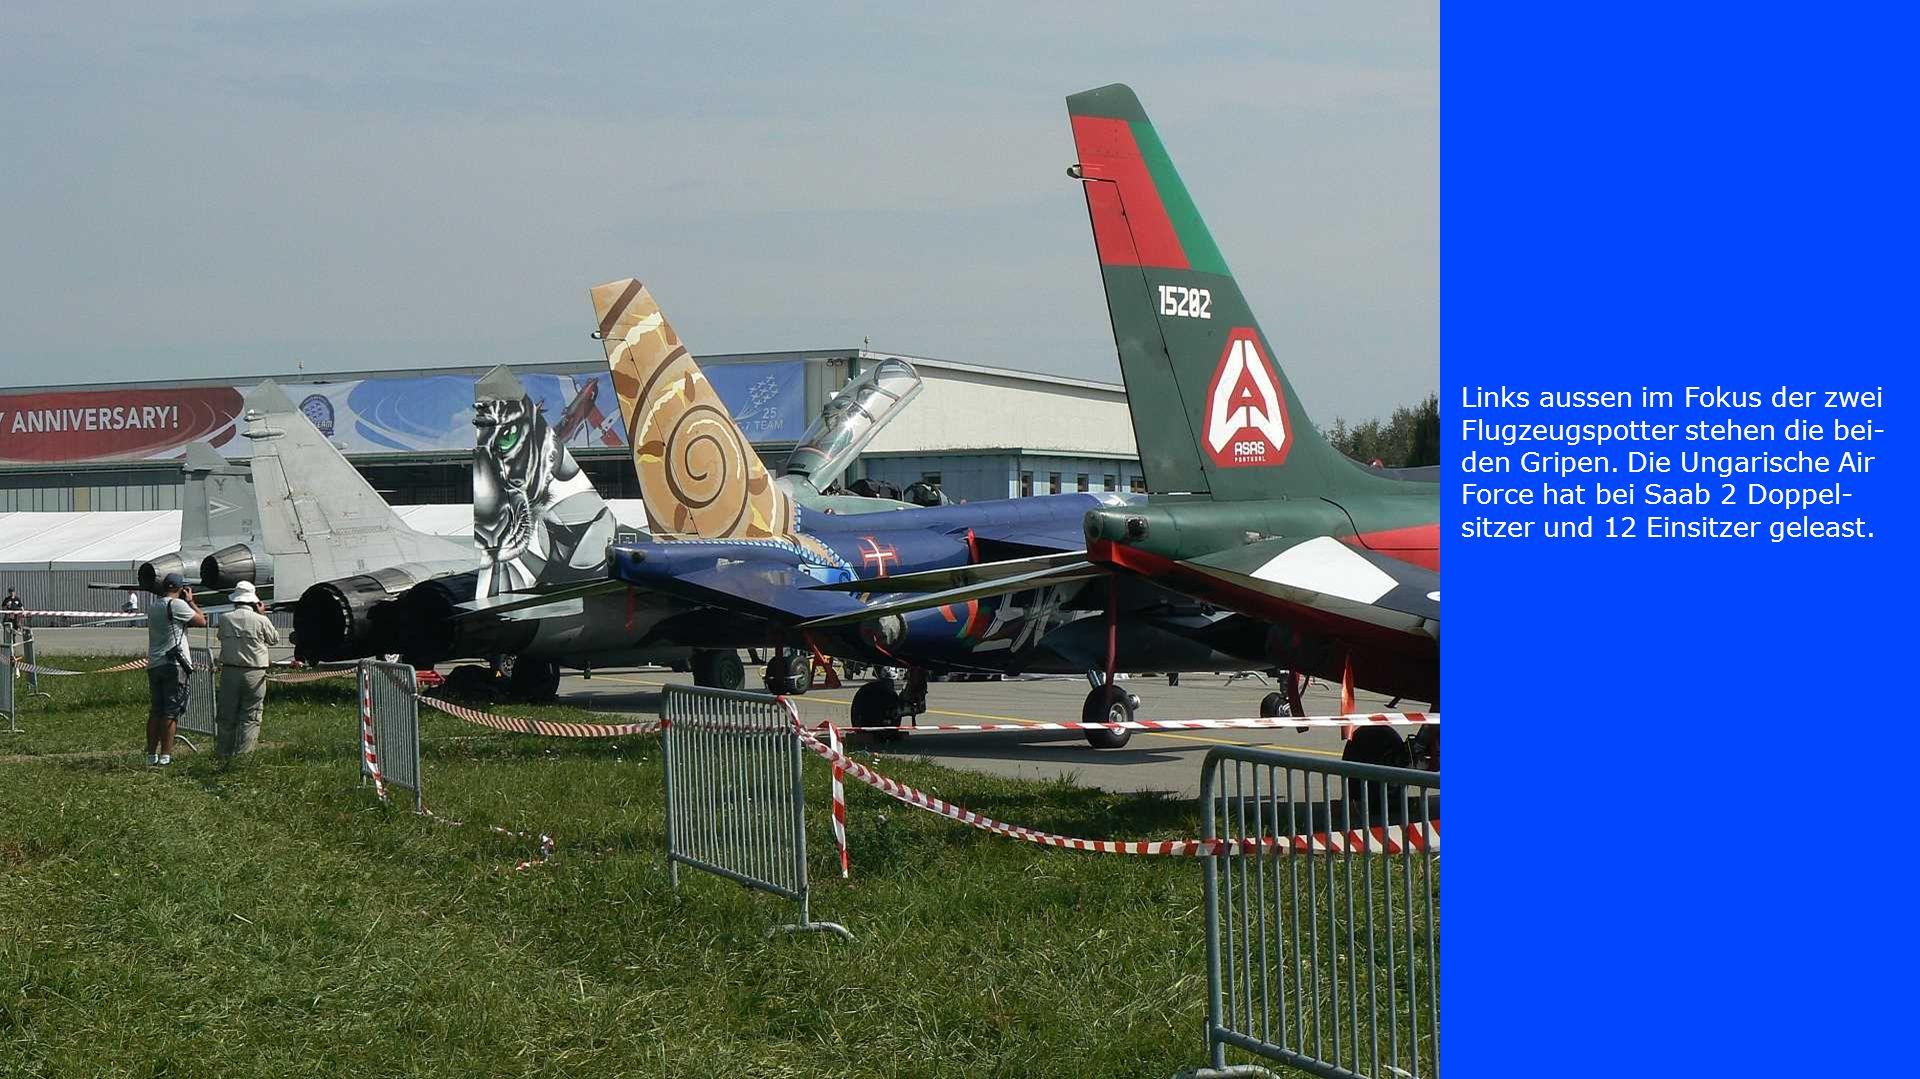 Links aussen im Fokus der zwei Flugzeugspotter stehen die bei- den Gripen.